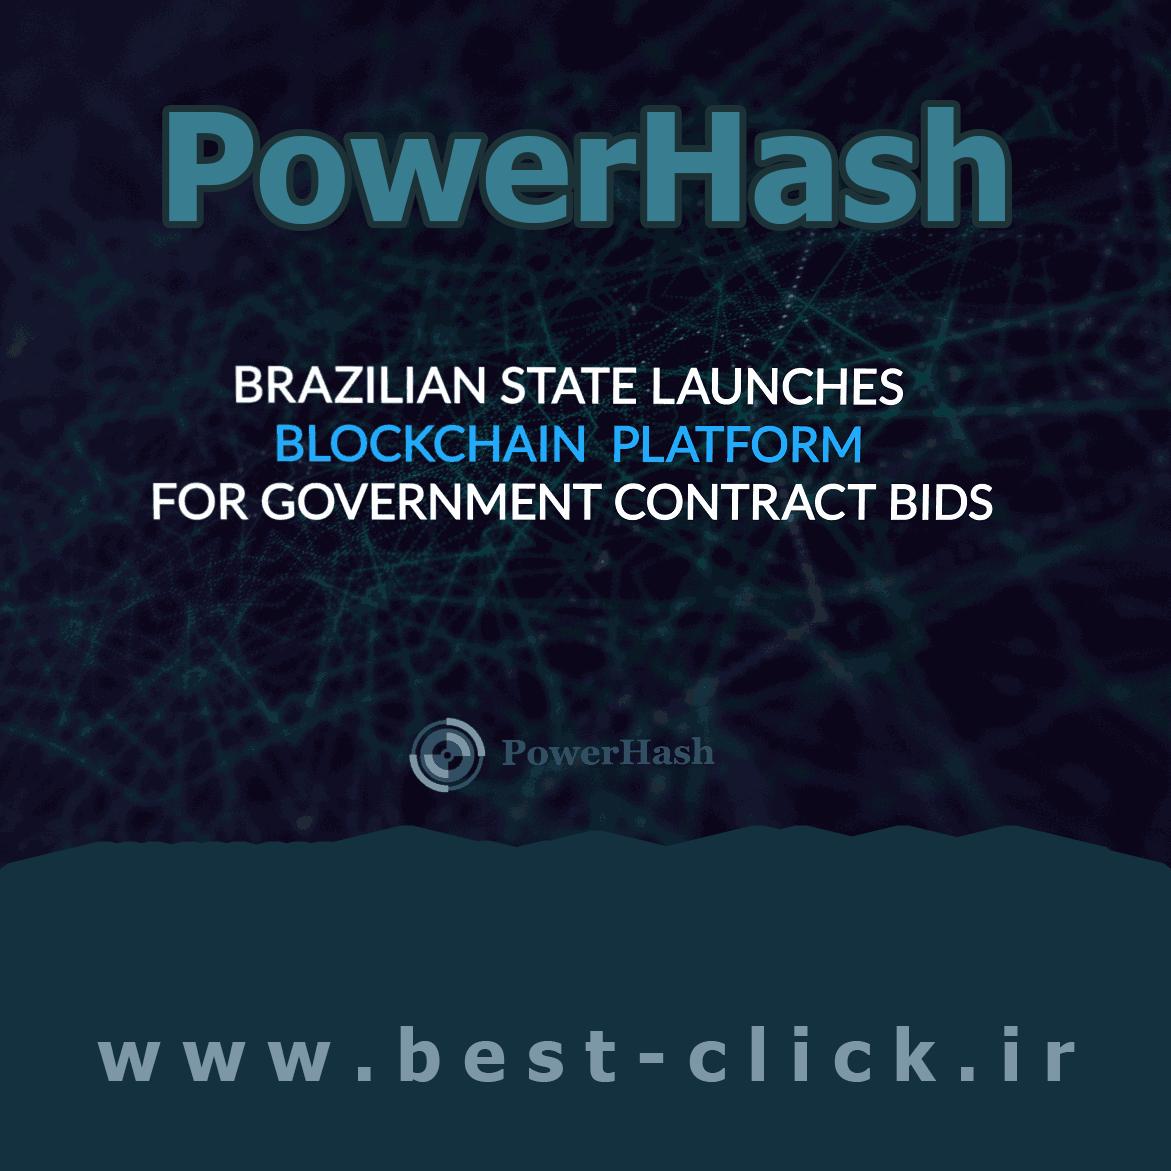 سایت استخراج ابری PowerHash همراه با 10G/H سرعت استخراج رایگان